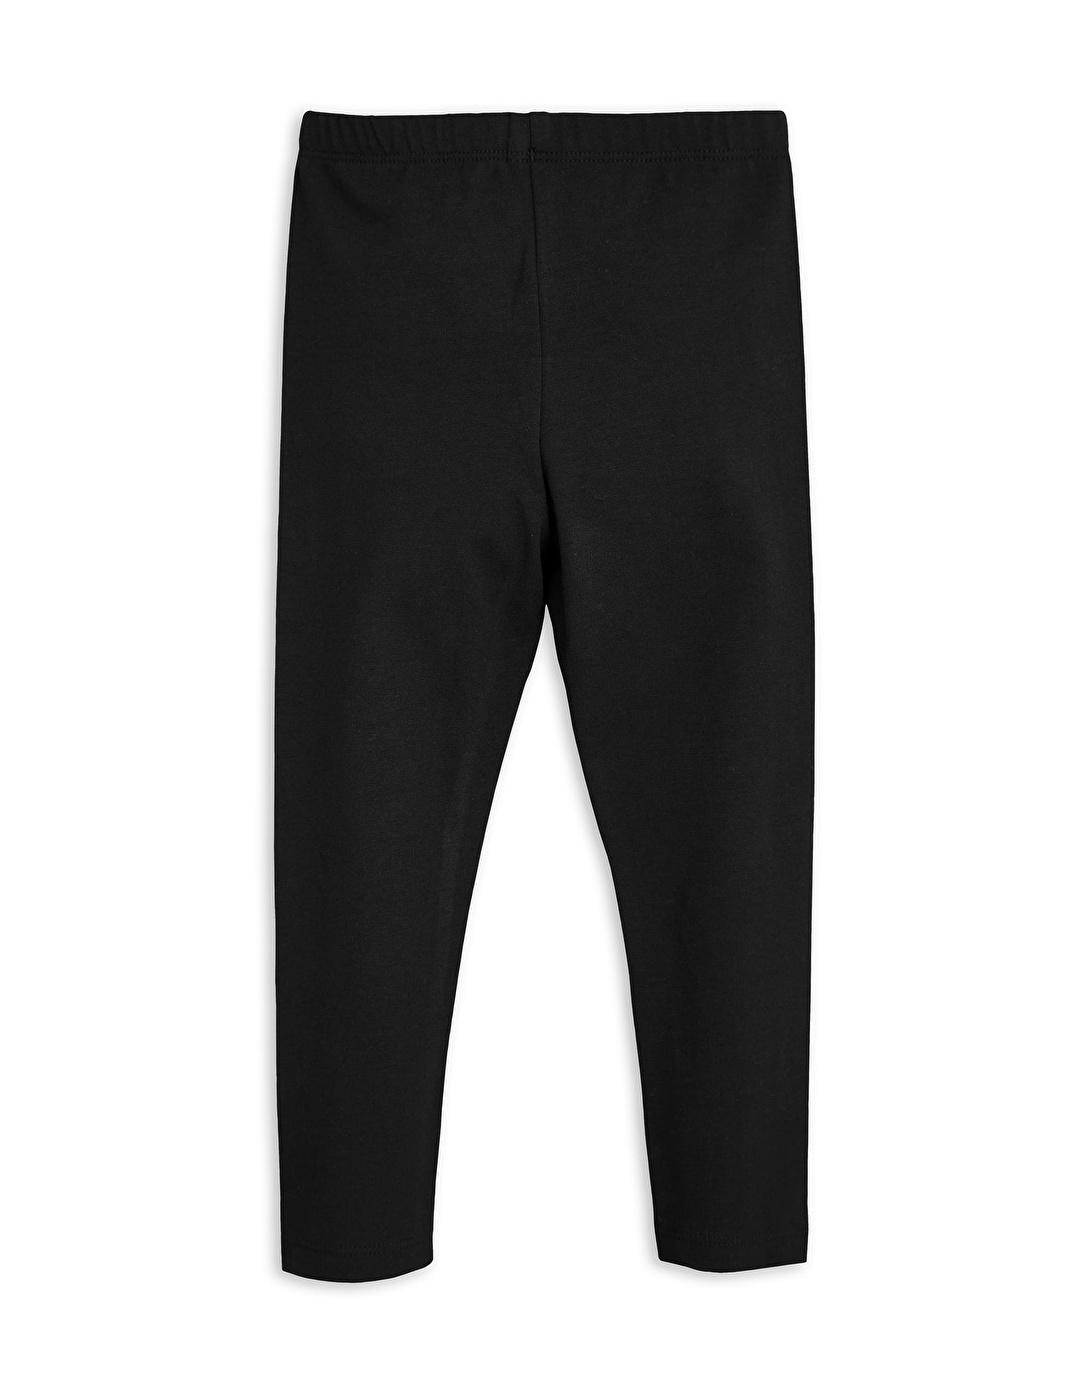 1773015799 2 mini rodini basic leggings black